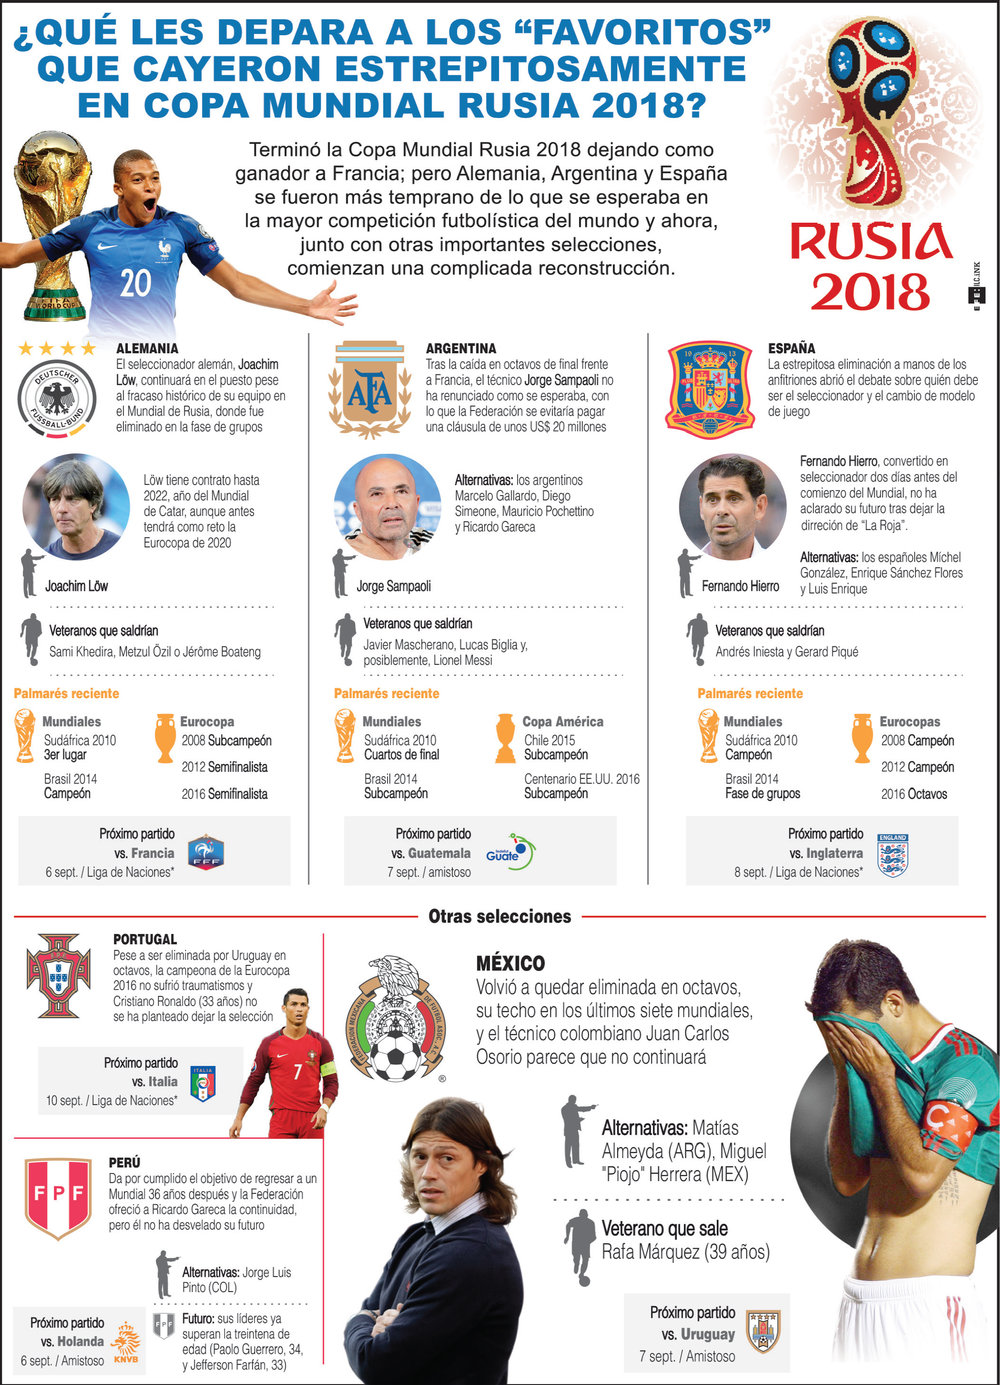 Cayeron Rusia- Agosto 2018.jpg